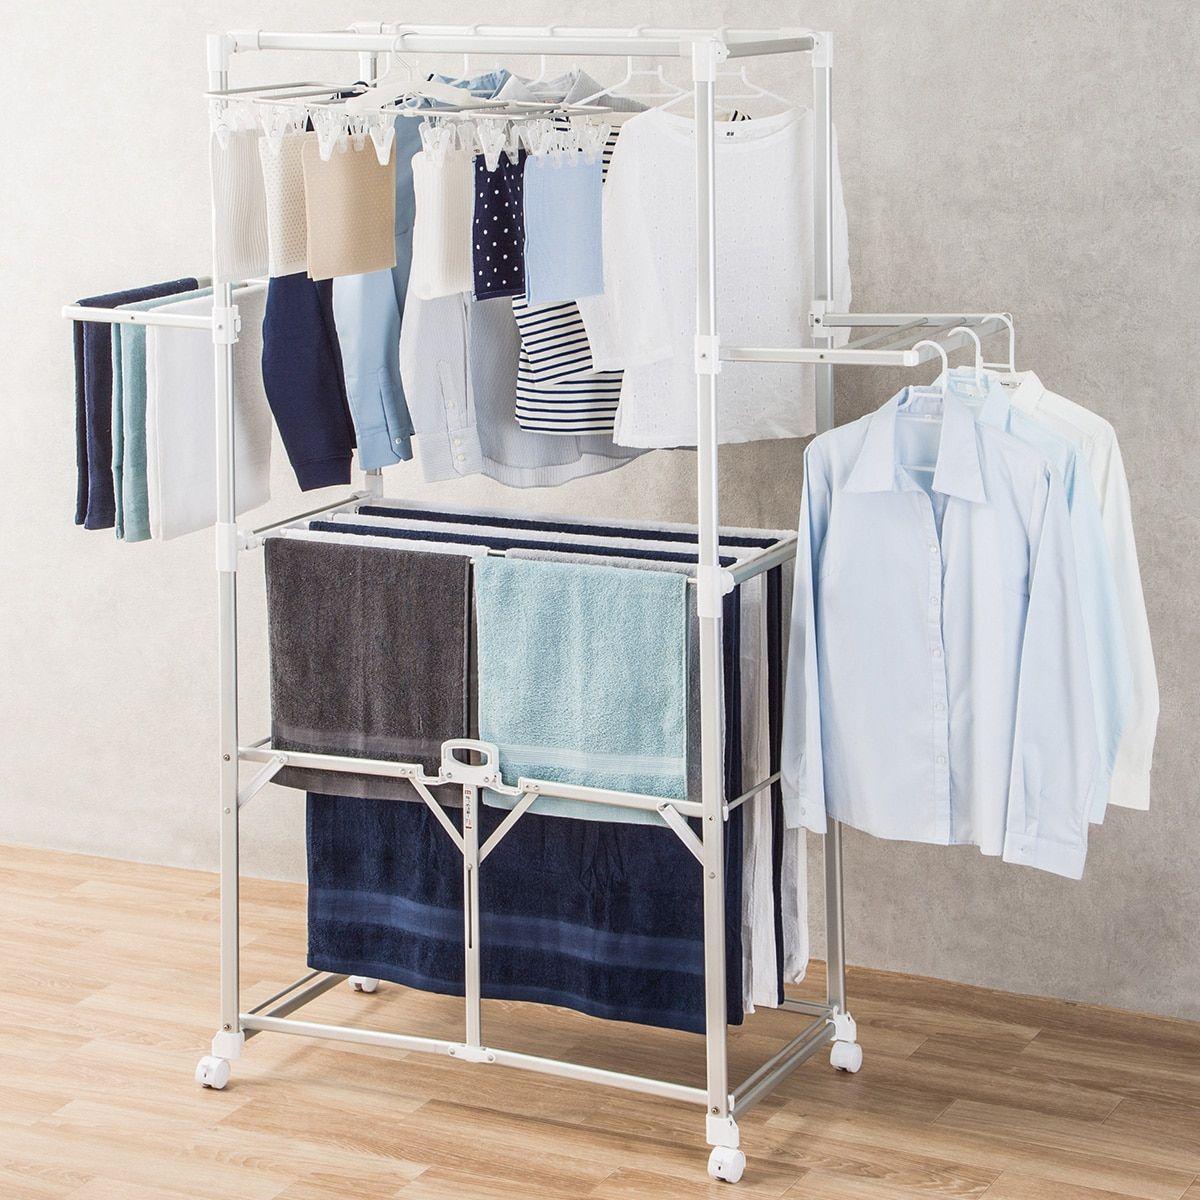 ニトリ 大型アルミ室内物干し Can Dry通販 Clothes Drying Racks Furniture Delivery Drying Clothes